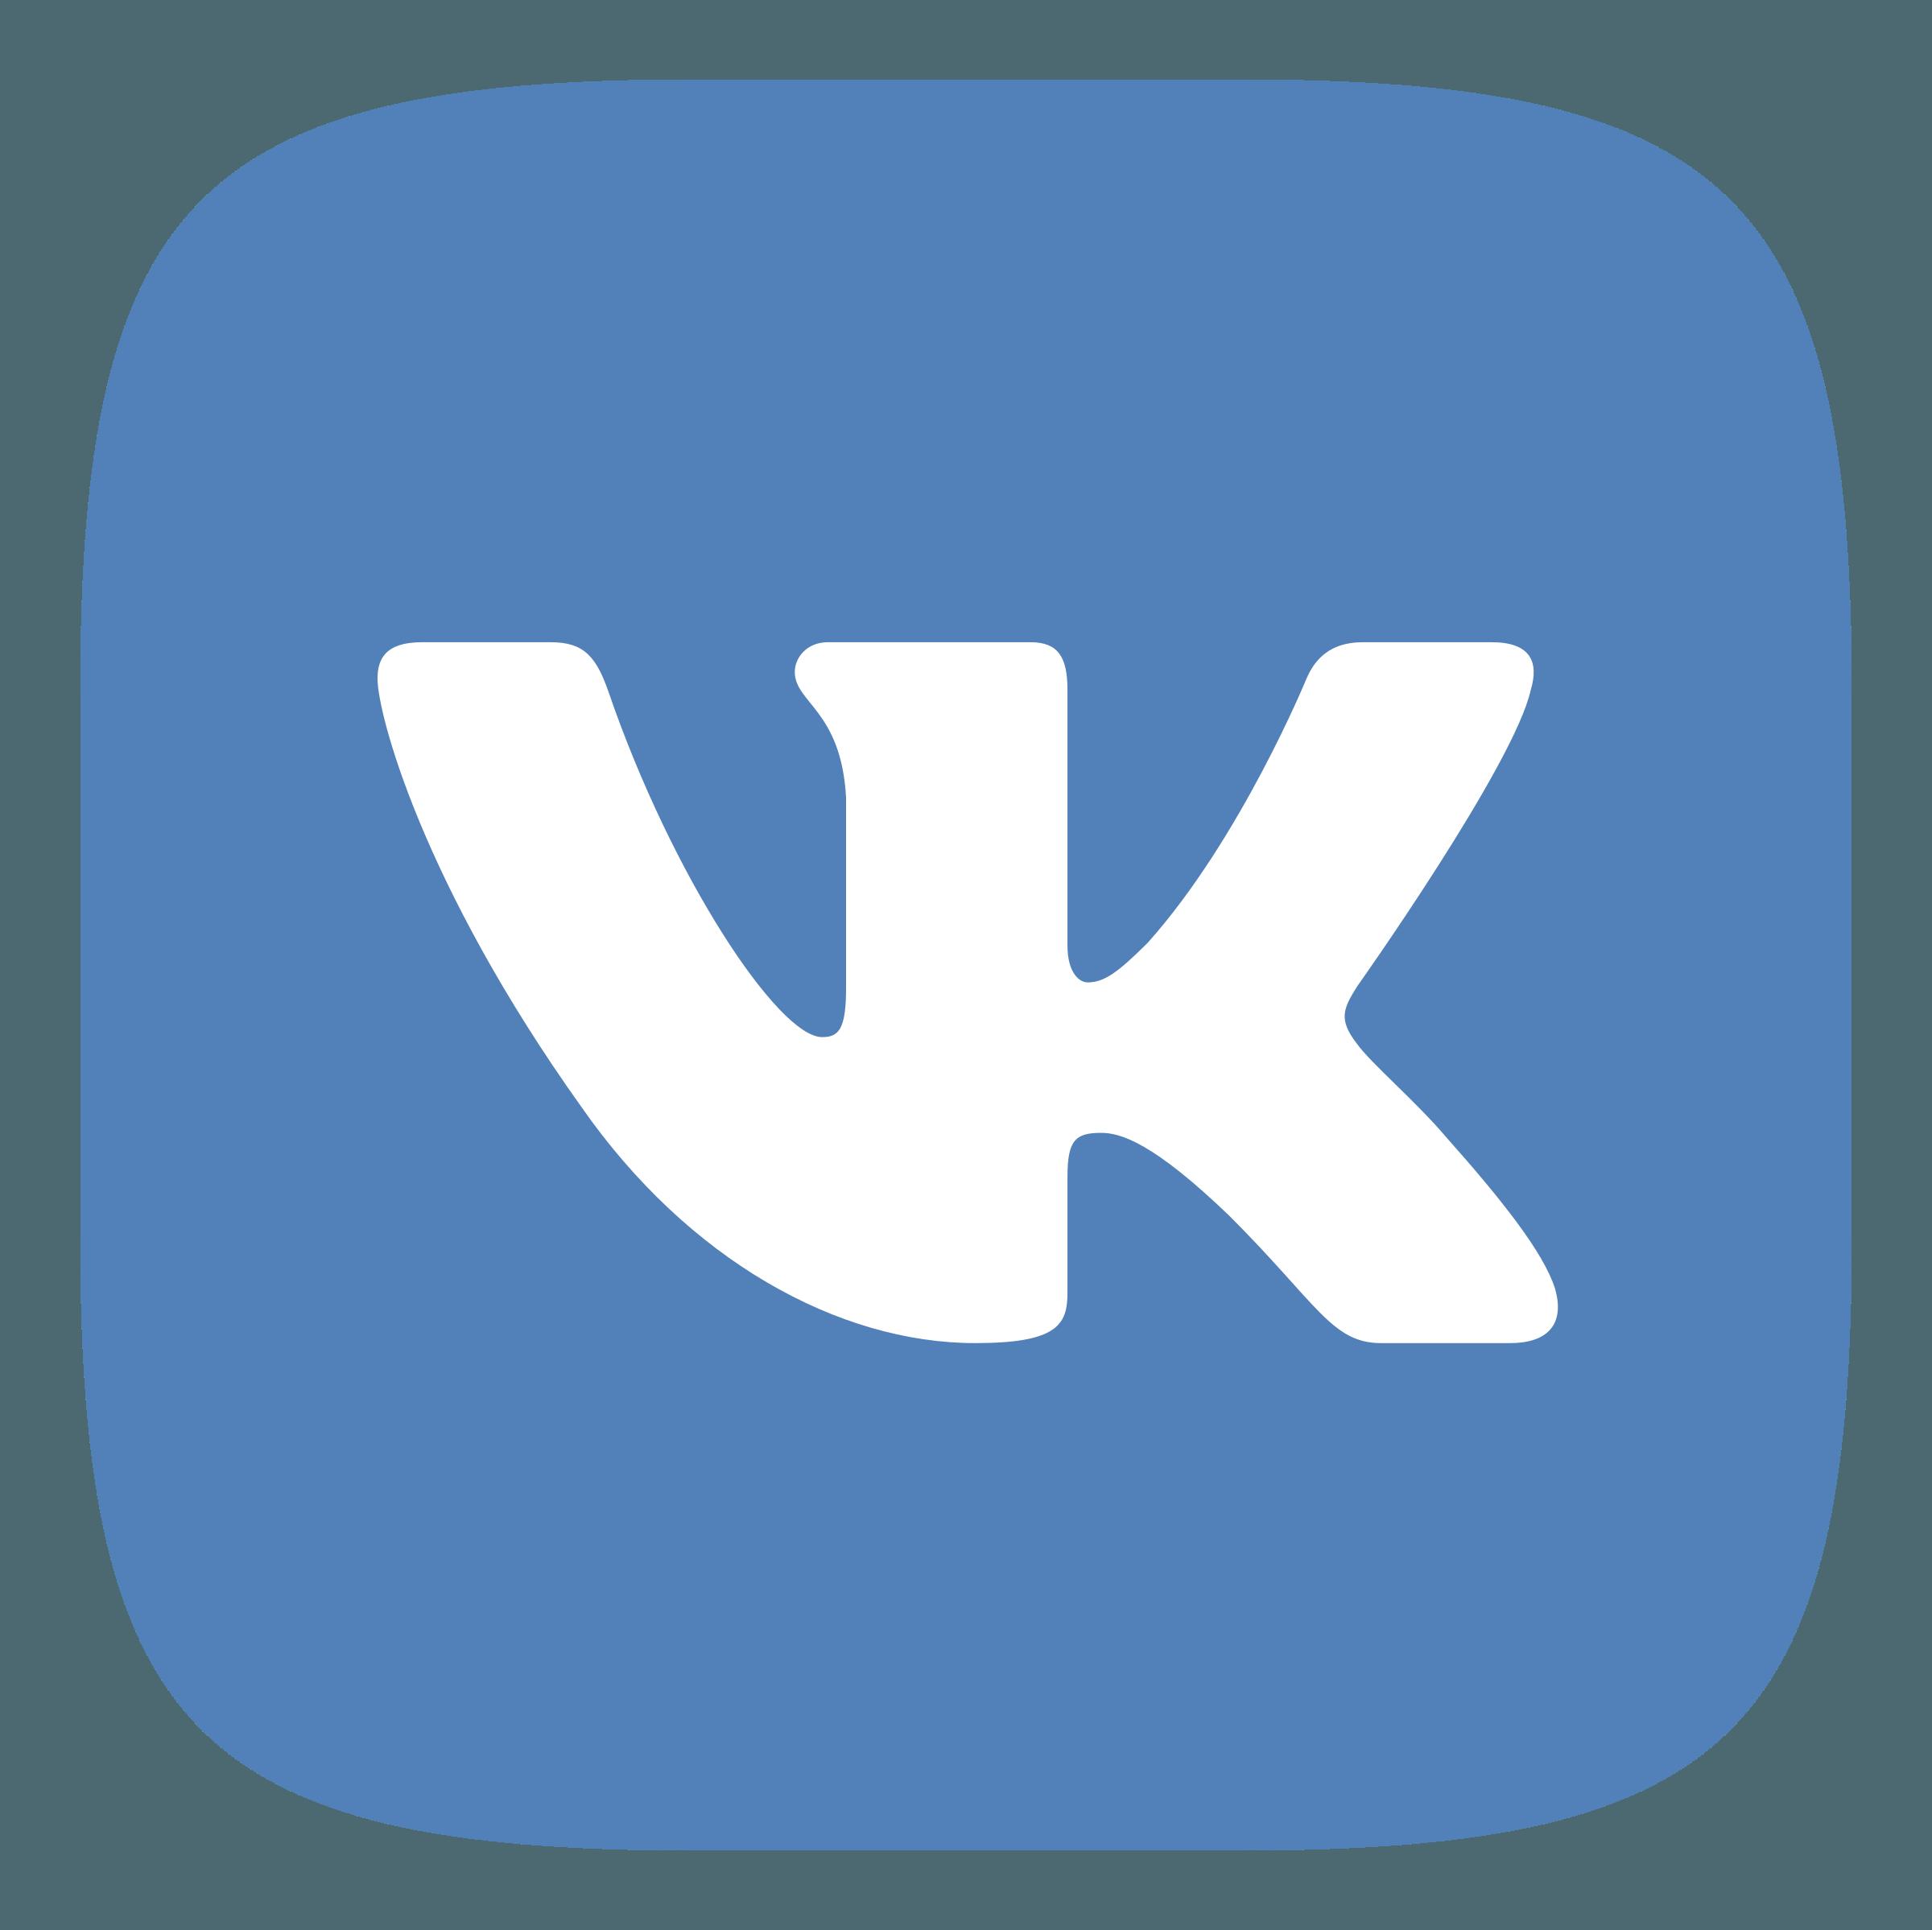 Vk logo png transparent svg vector freebie supply vk logo toneelgroepblik Image collections